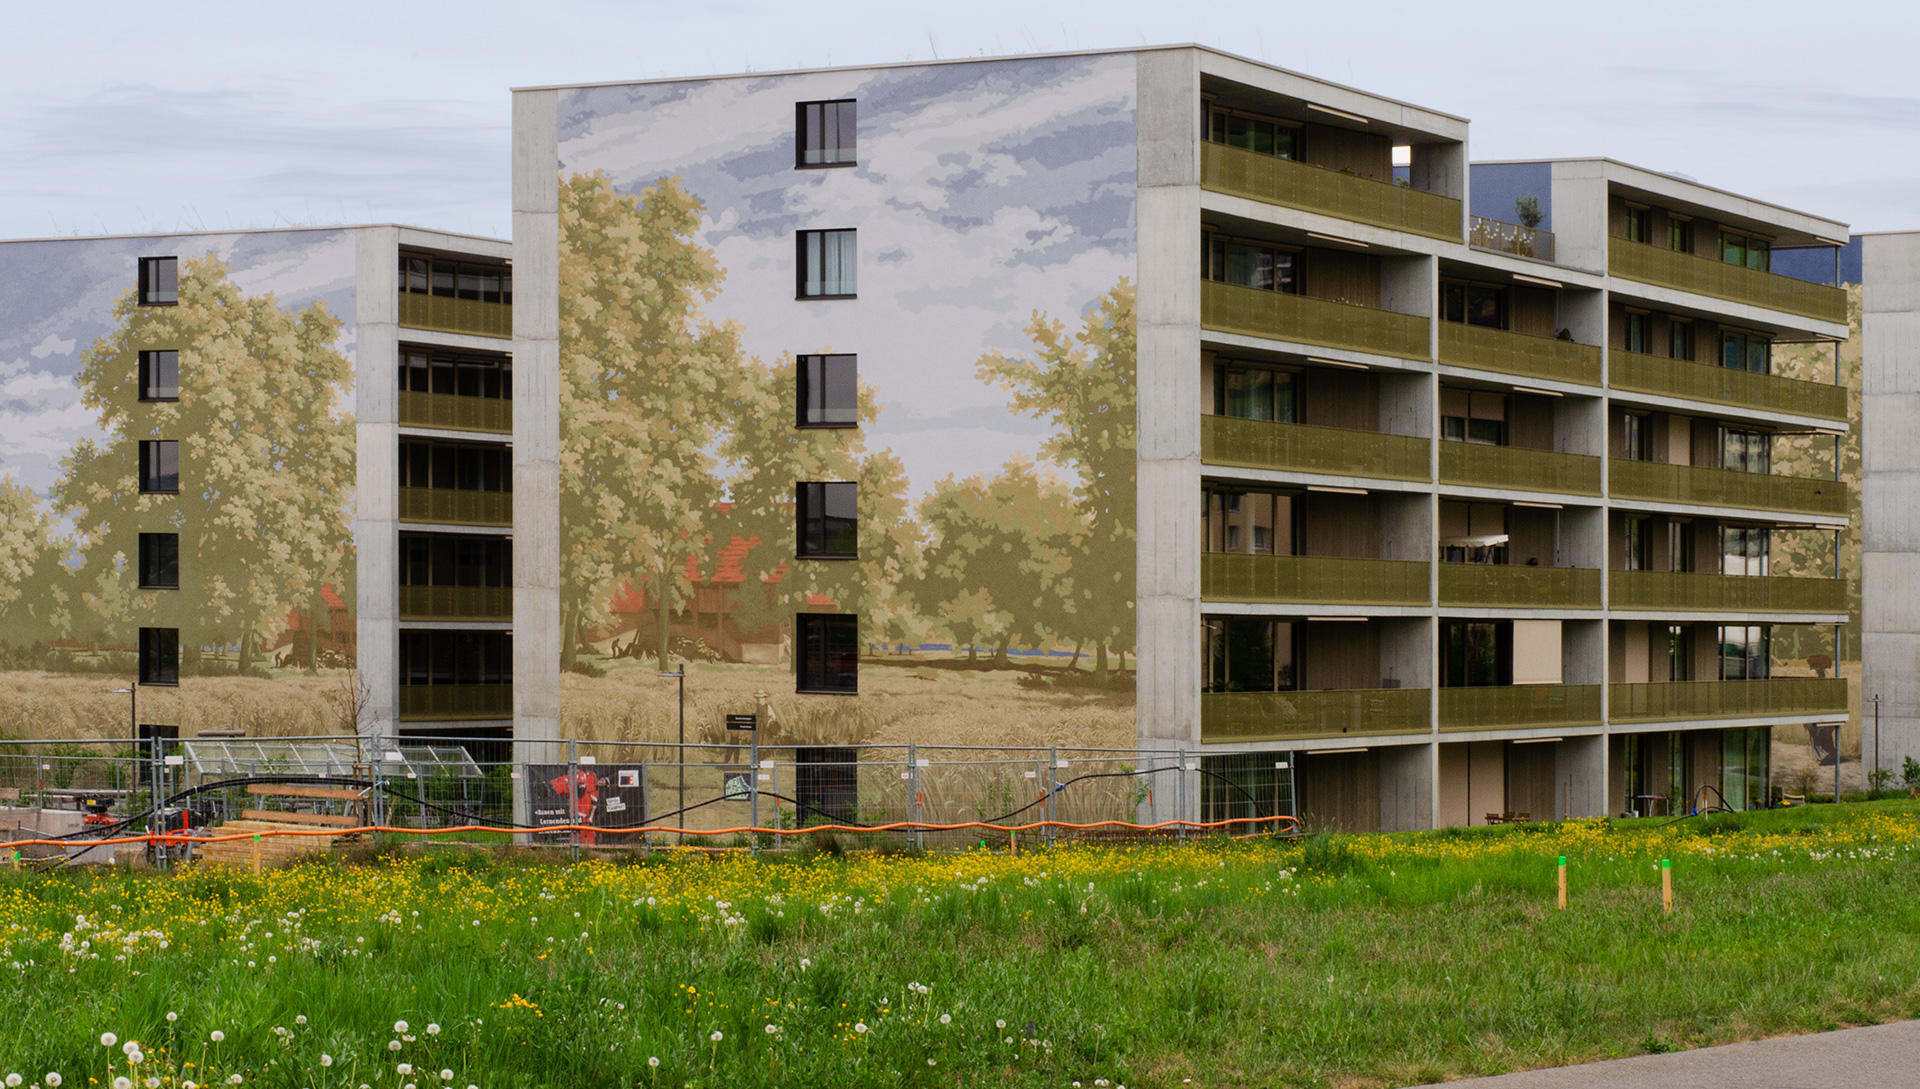 Projekt Schweighof — Formale und farbliche Reduktion im Überformat —Übersicht — l'équipe visuelle – Grafik und Werbung